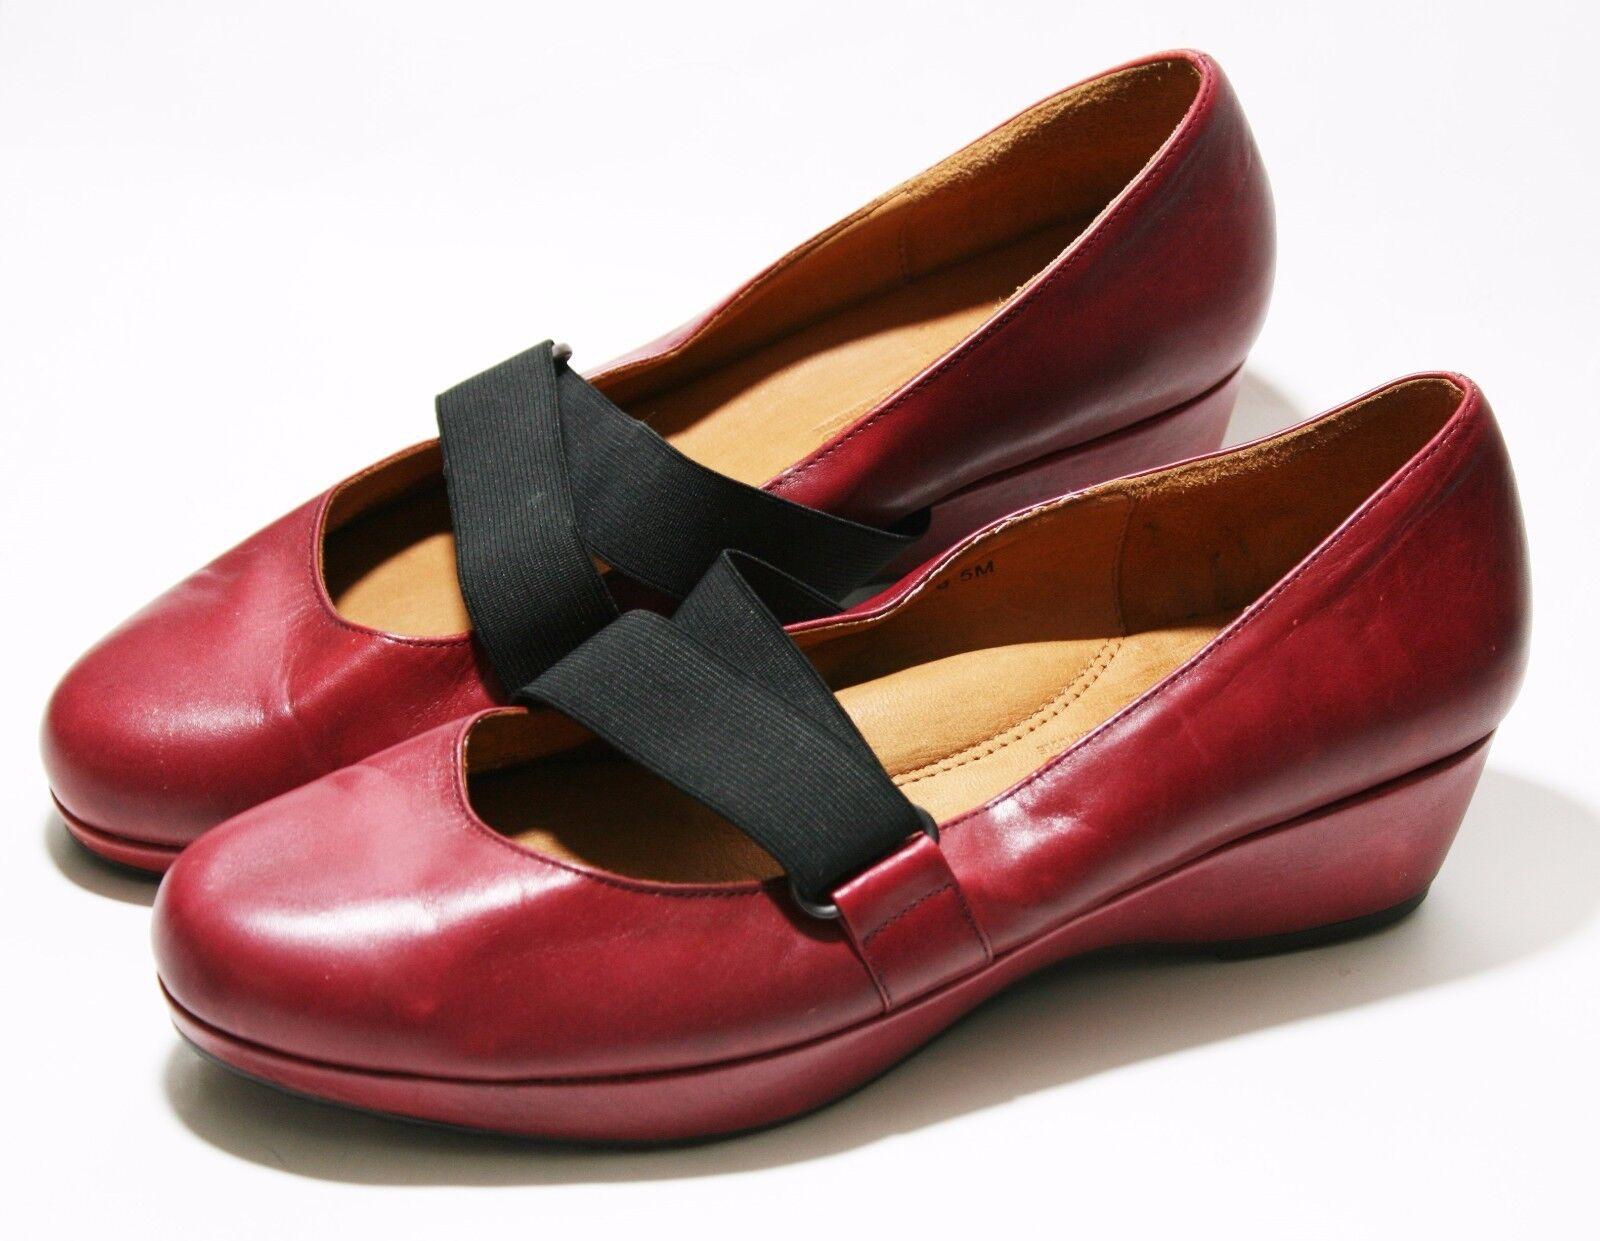 GENTLE SOULS Schuhe SCENE IT MARY JANE WEDGE SLIP ON CHIANTI ROT LEATHER 8.5